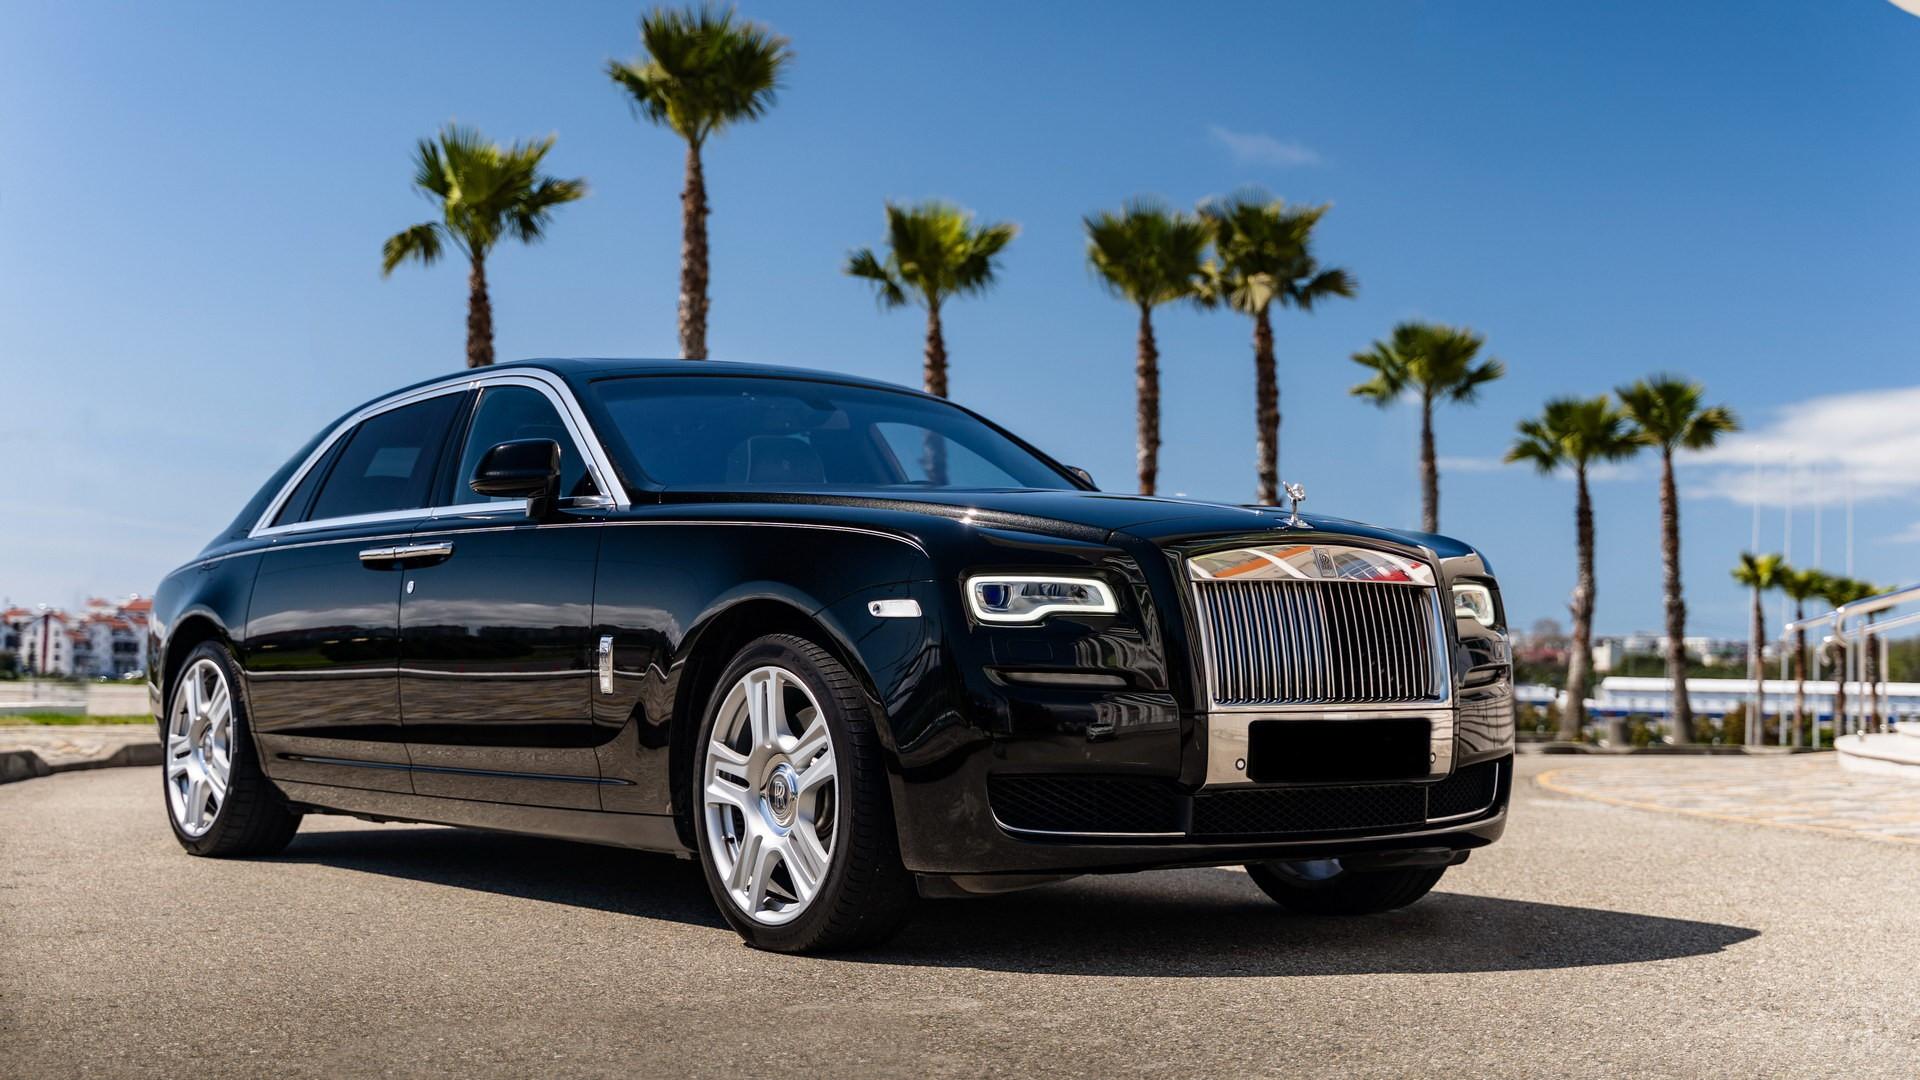 Аренда Rolls-Royce Ghost с водителем. Фото 1